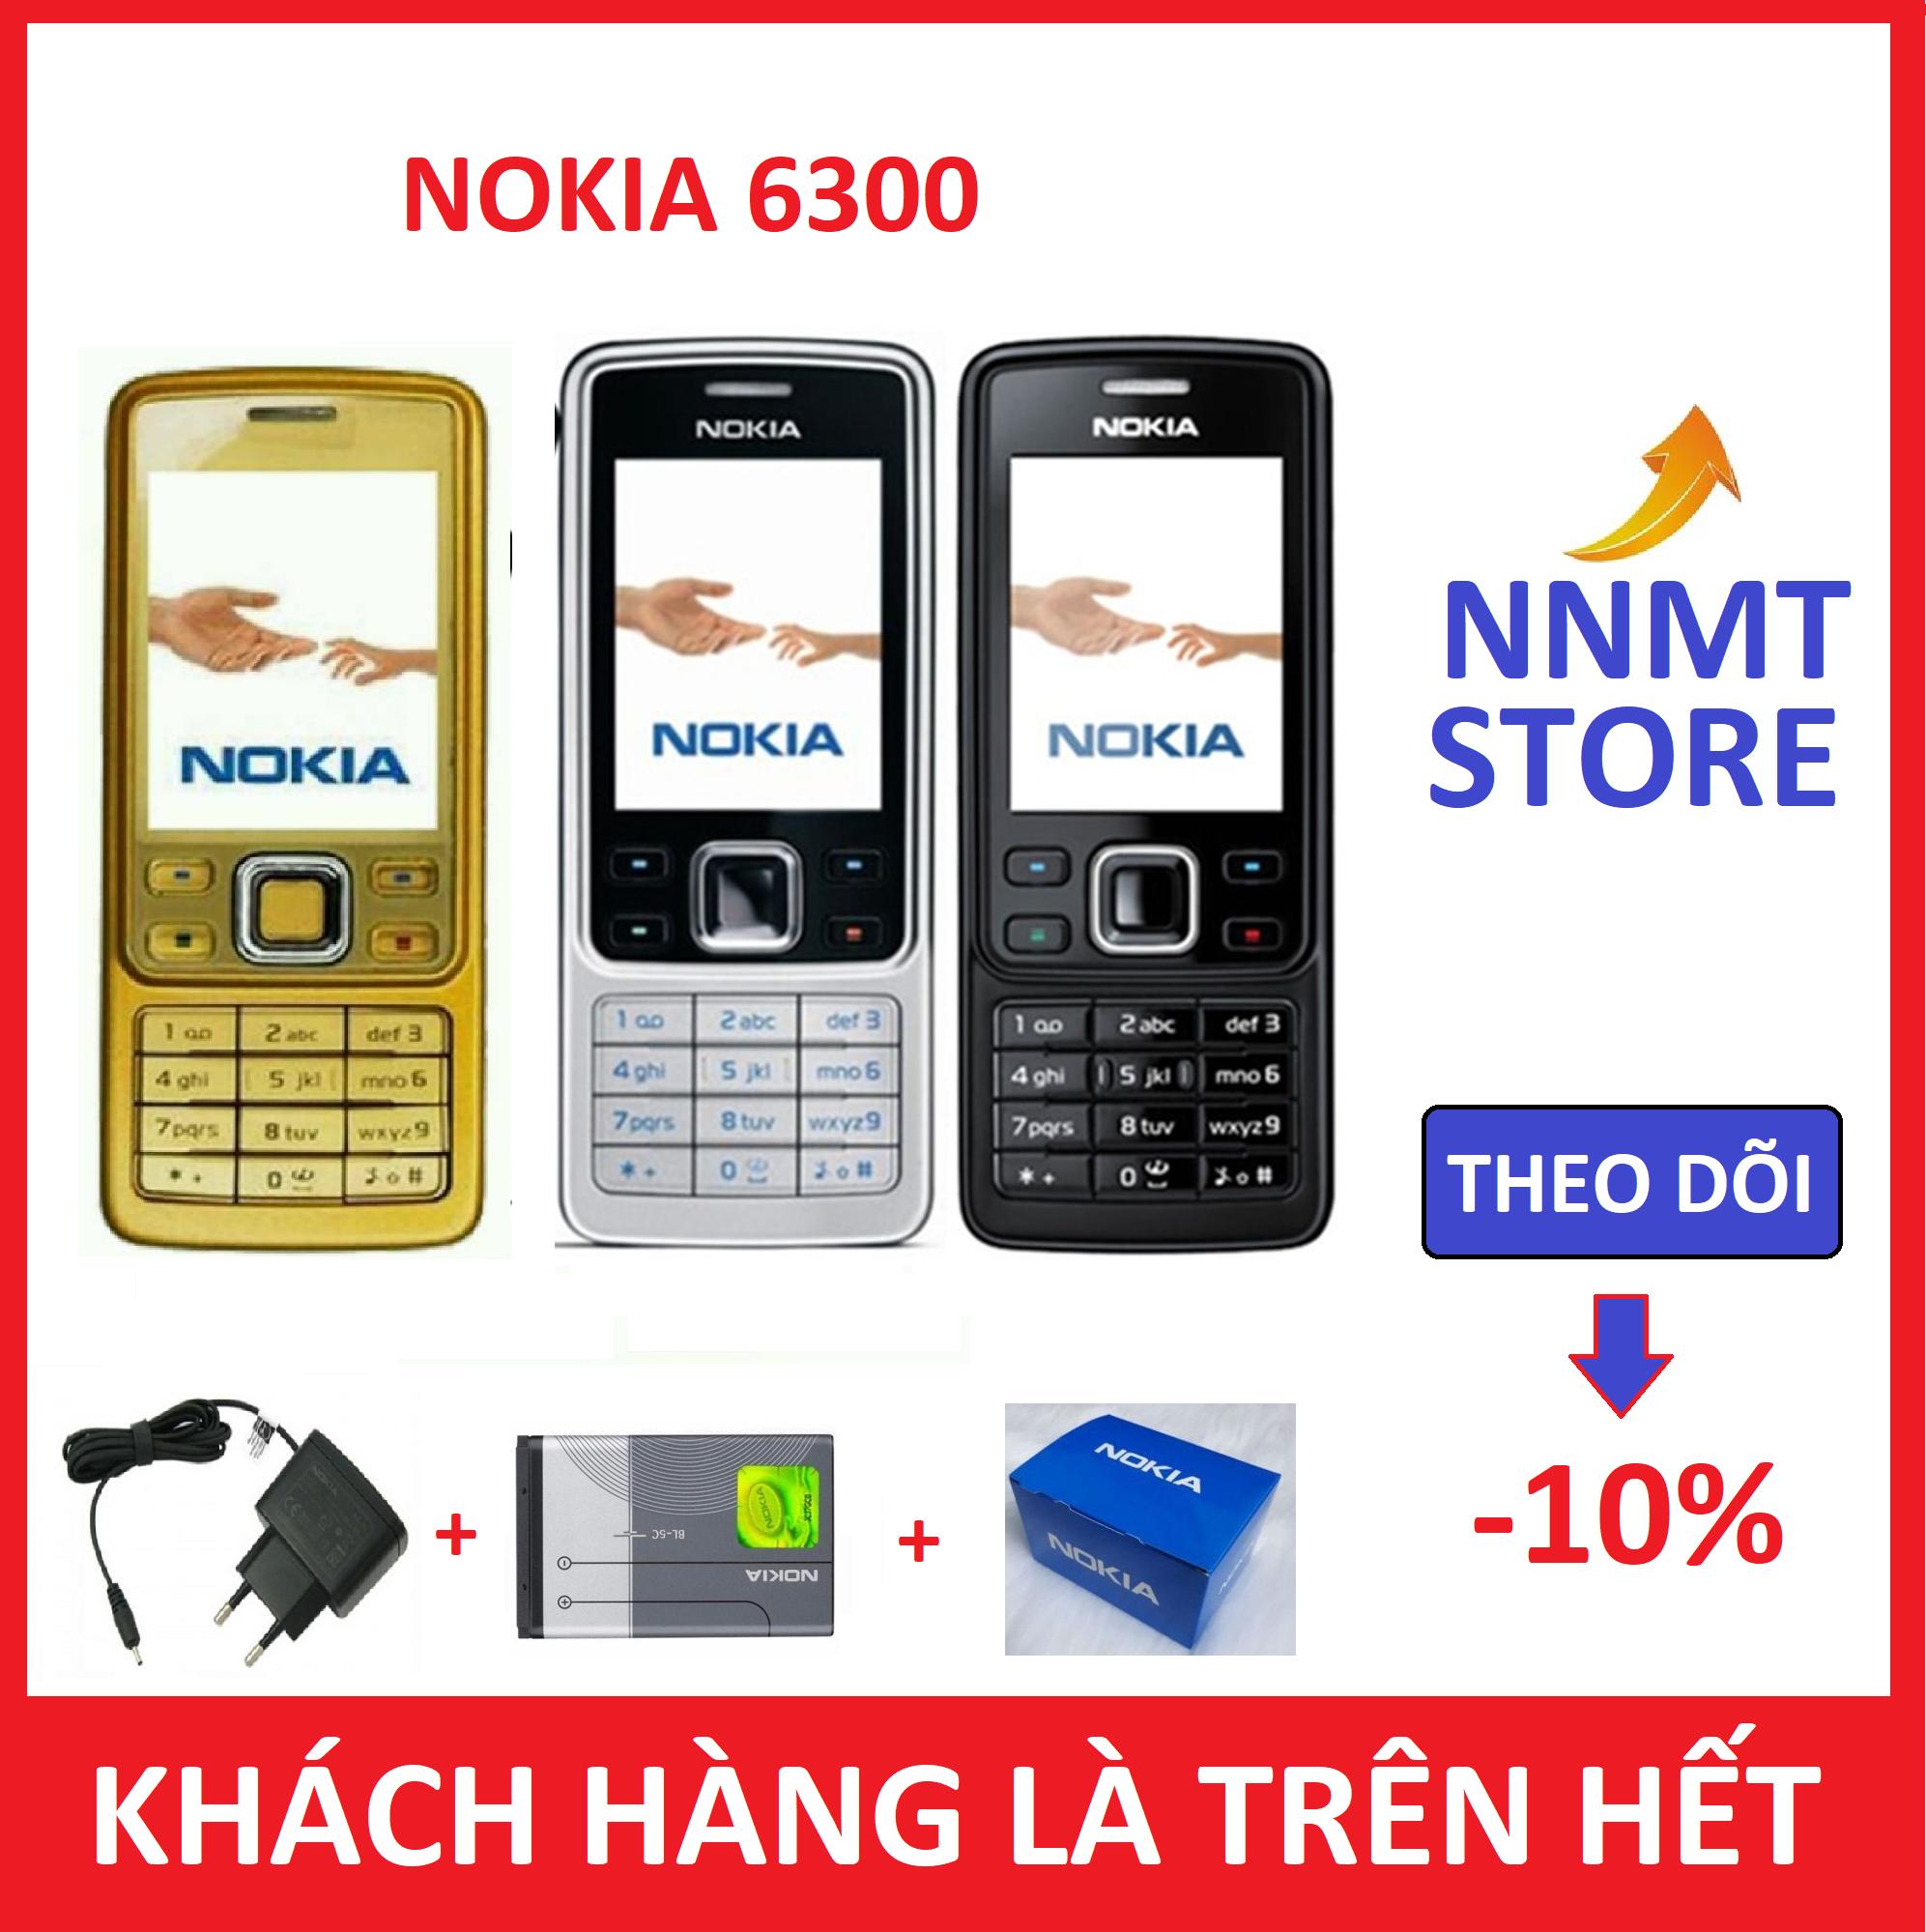 Điện thoại Nokia 6300 Nhiều Màu - Fullbox (Máy + pin + sạc) - Bảo hành 12 tháng - NNMT Store